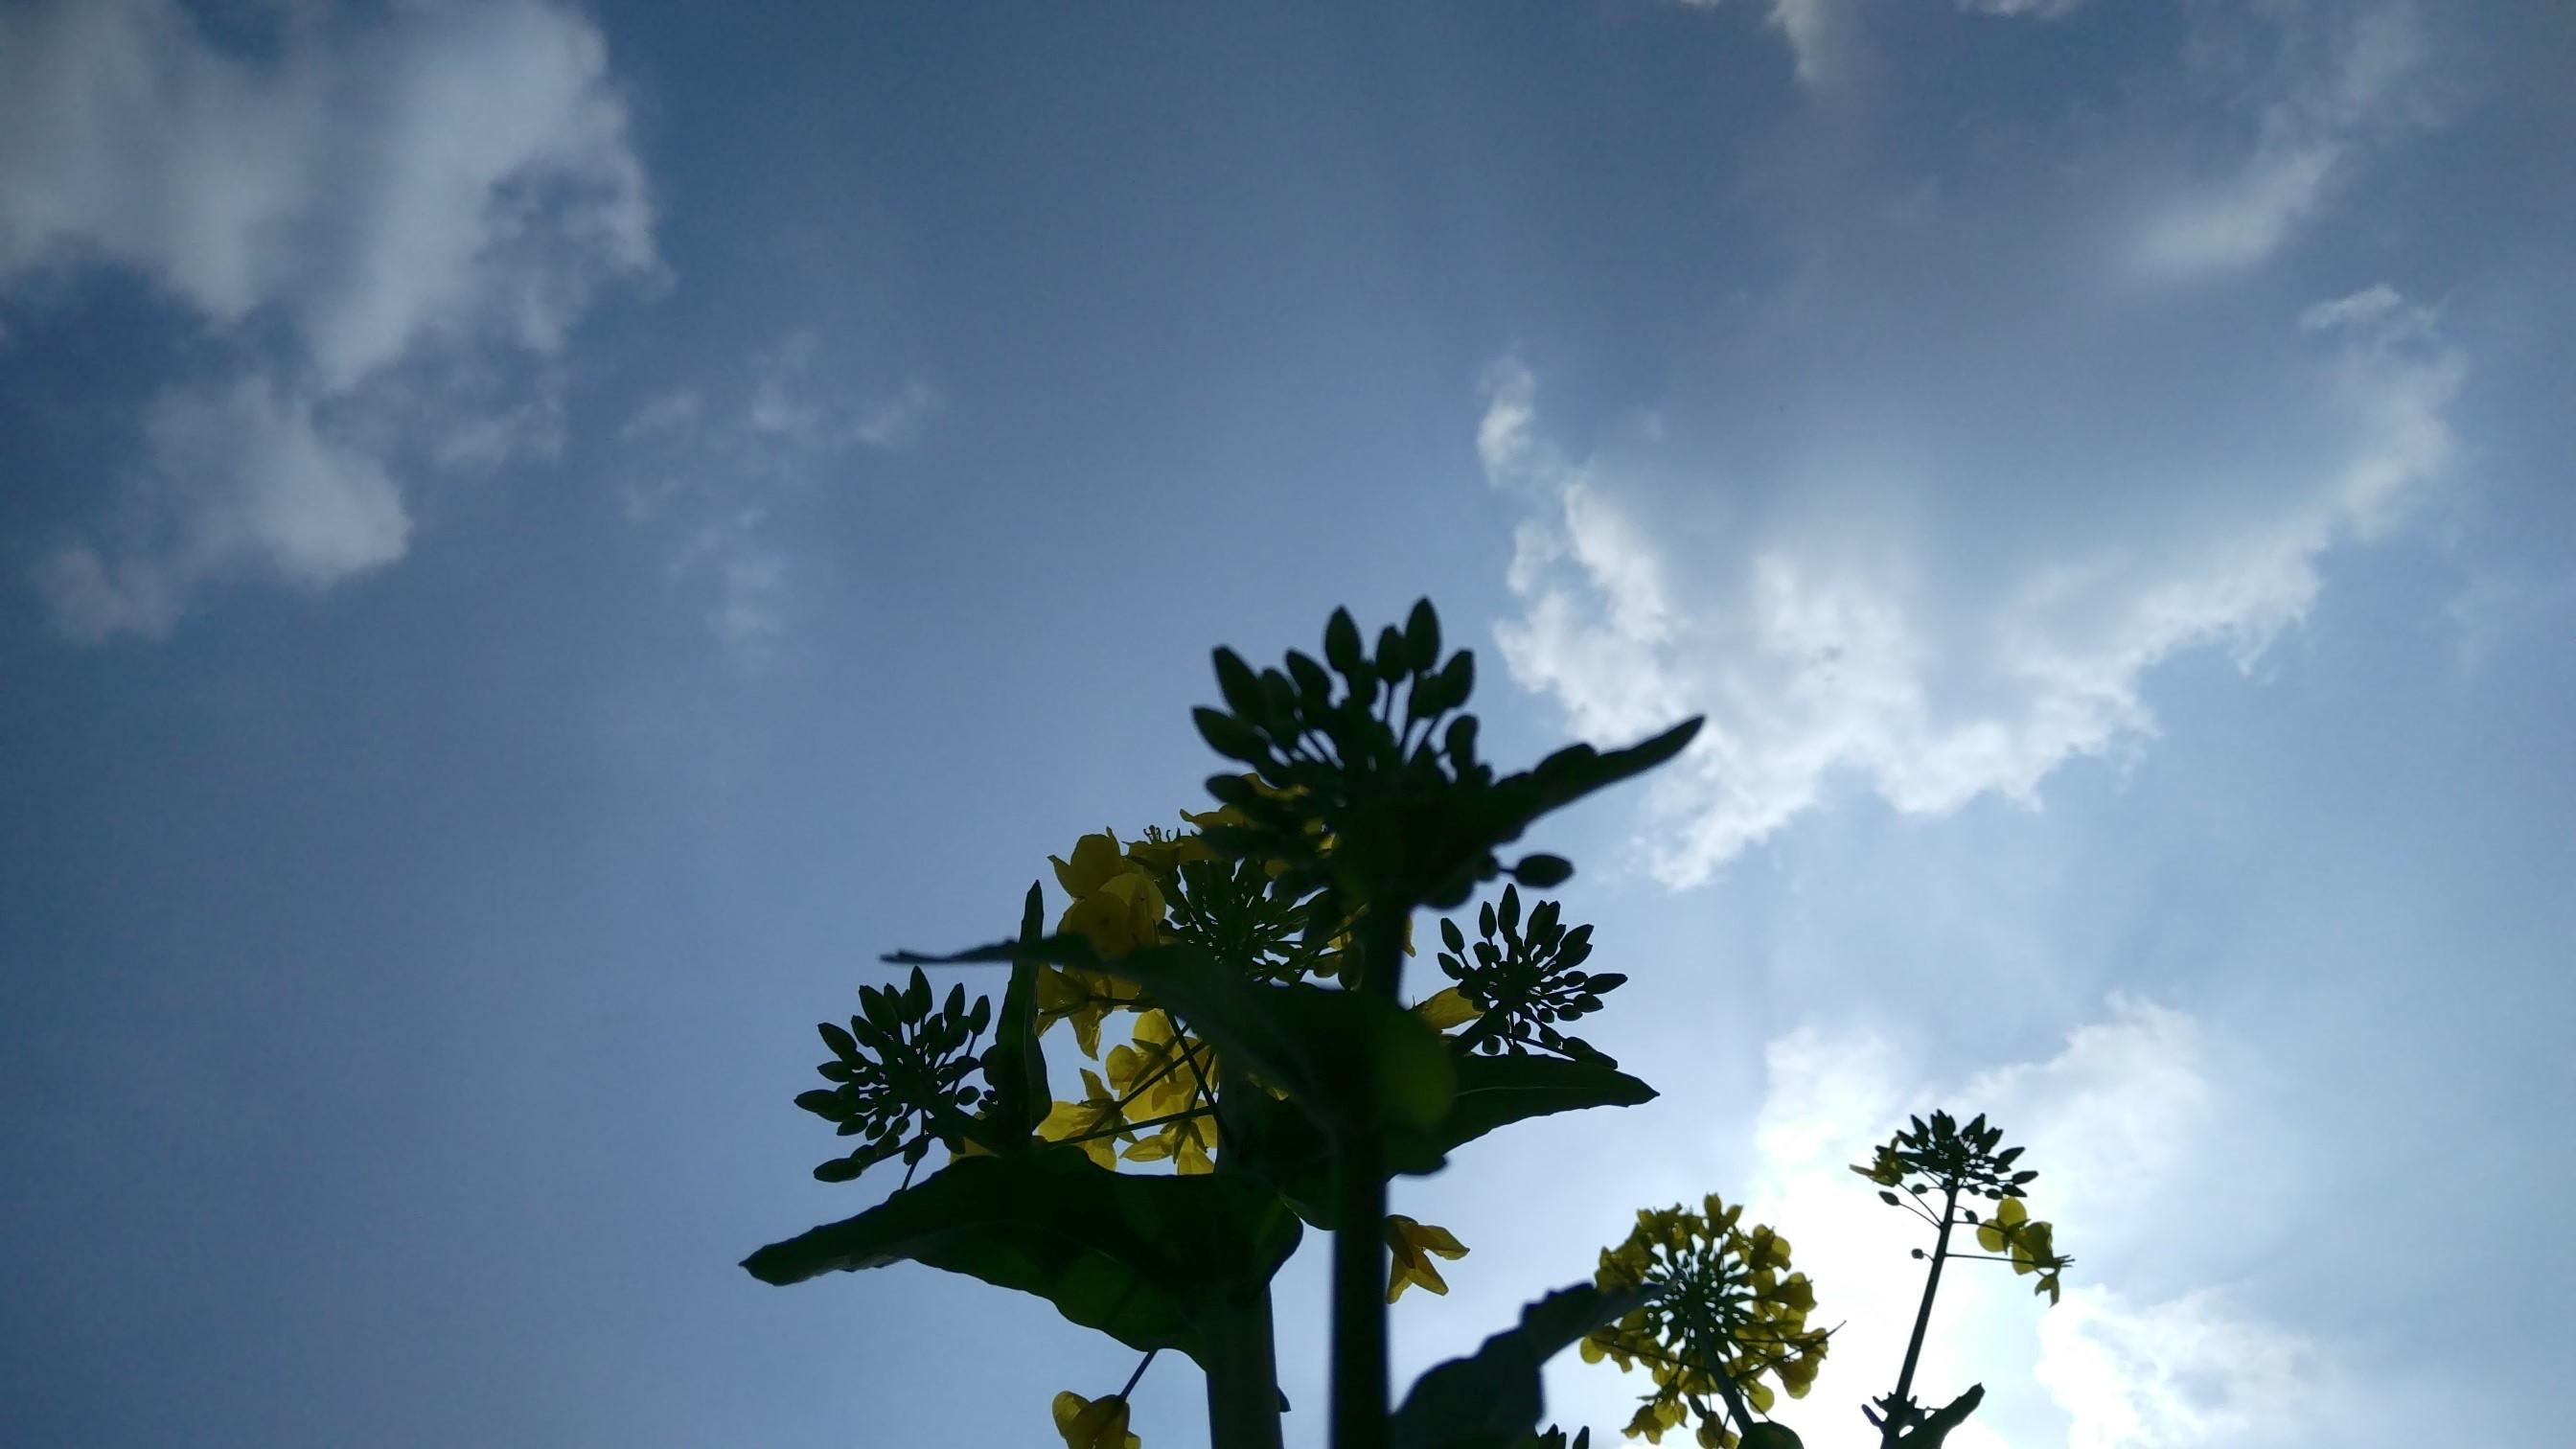 背景 壁纸 风景 天空 桌面 2688_1512